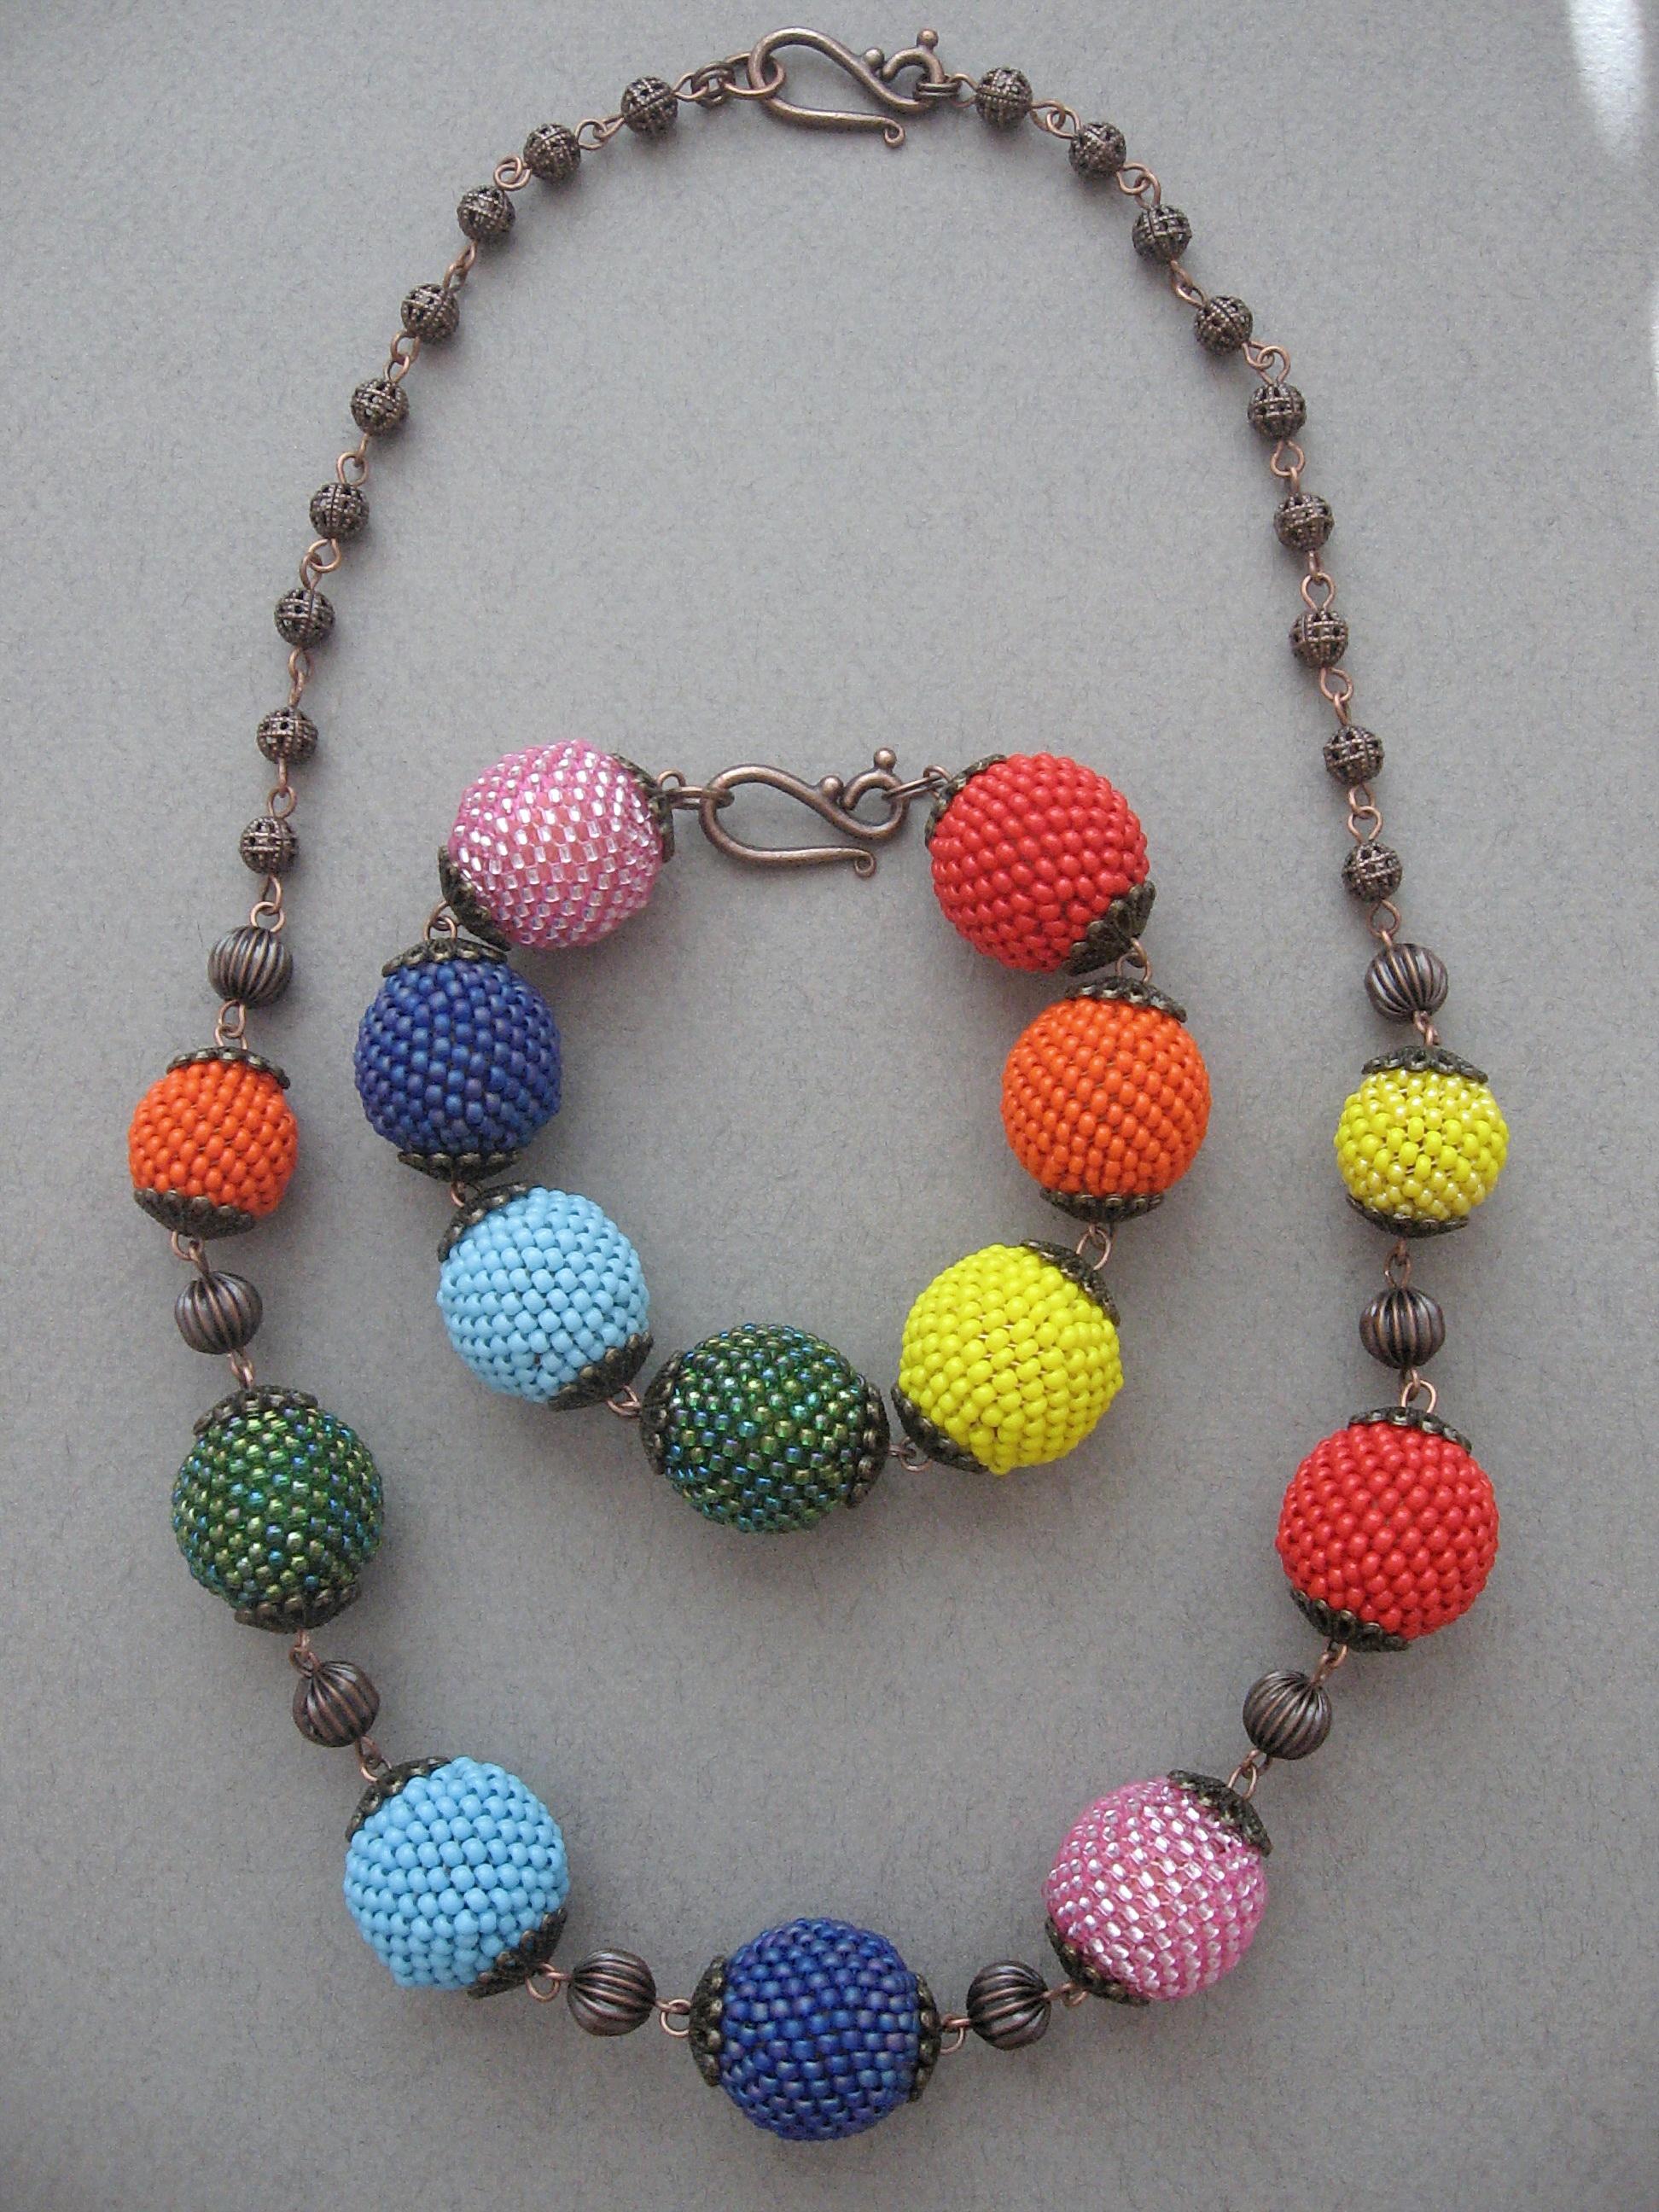 Polinka78. natali.v. katri_85, расскажите пожалуйста как вы браслеты делали.  На какой ткани вышивали.